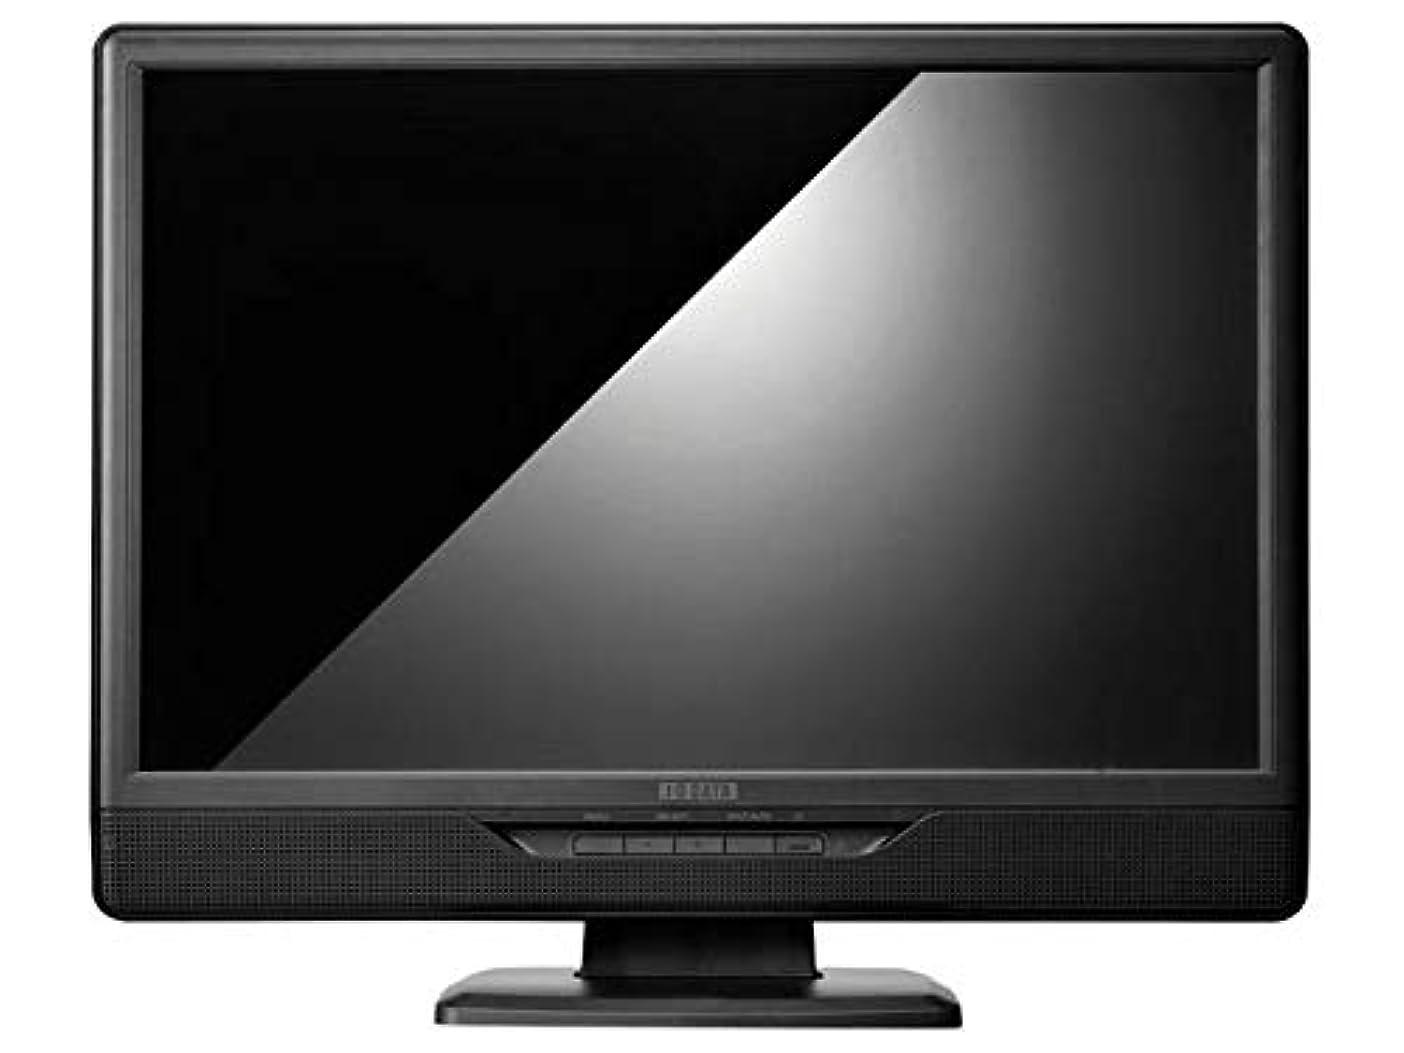 謙虚な幾分申し込むI-O DATA 19インチワイド液晶ディスプレイ(ブラック) LCD-AD191XB2